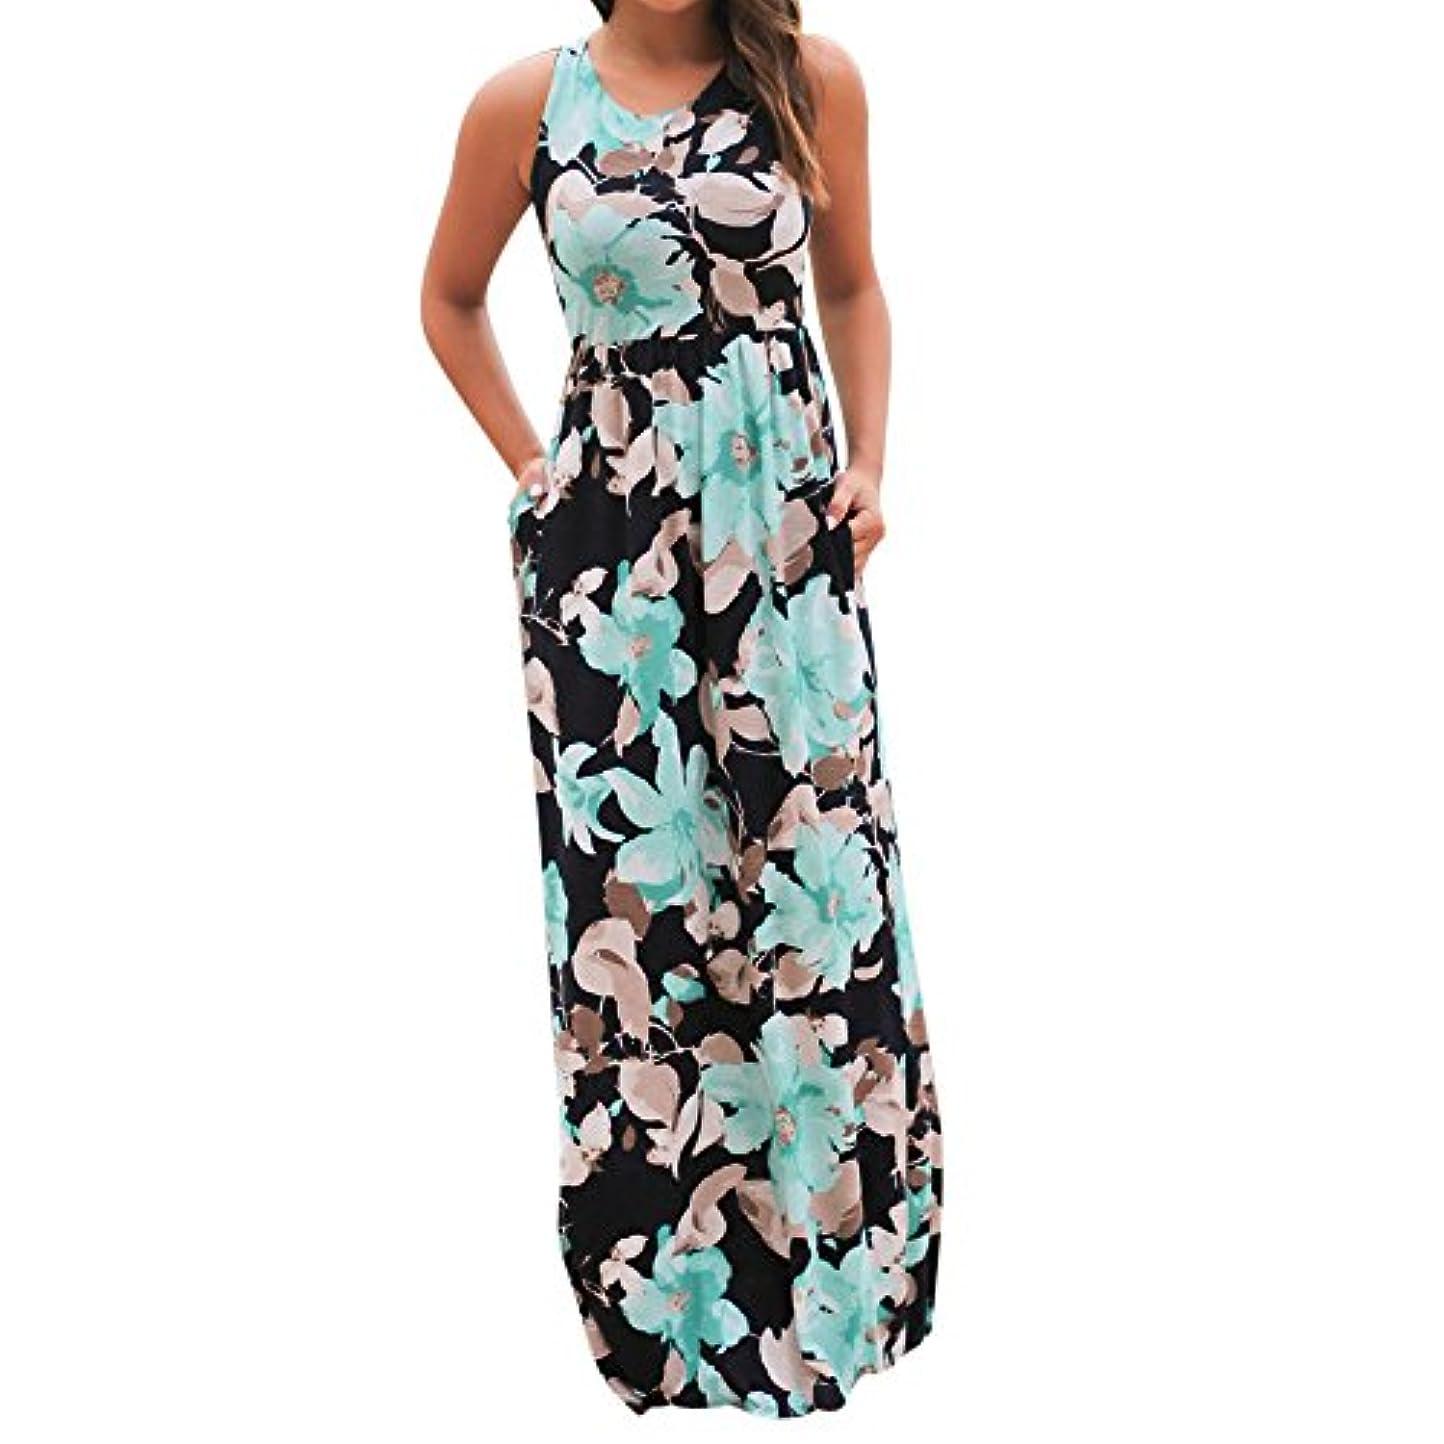 ツイン防腐剤グローバルSakuraBest Women Sleeveless Floral Print Maxi Long Dress with Pockets (L, Blue)